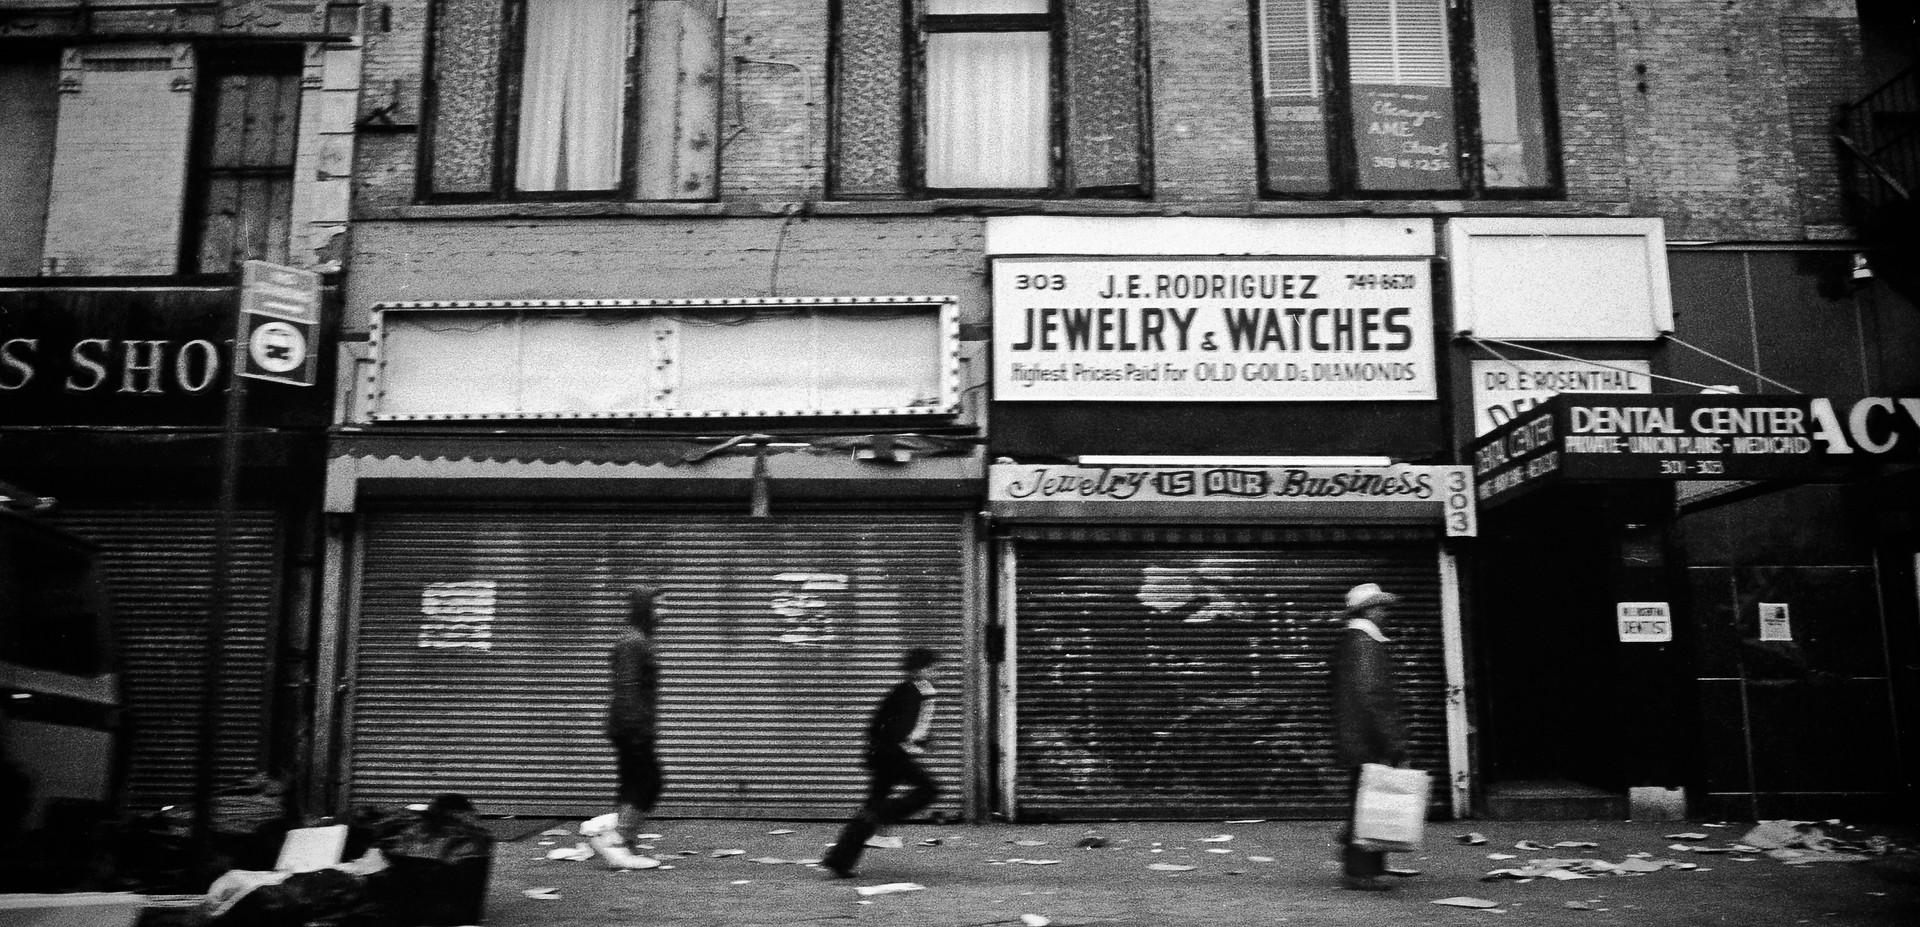 Harlem_New York City, USA 1982